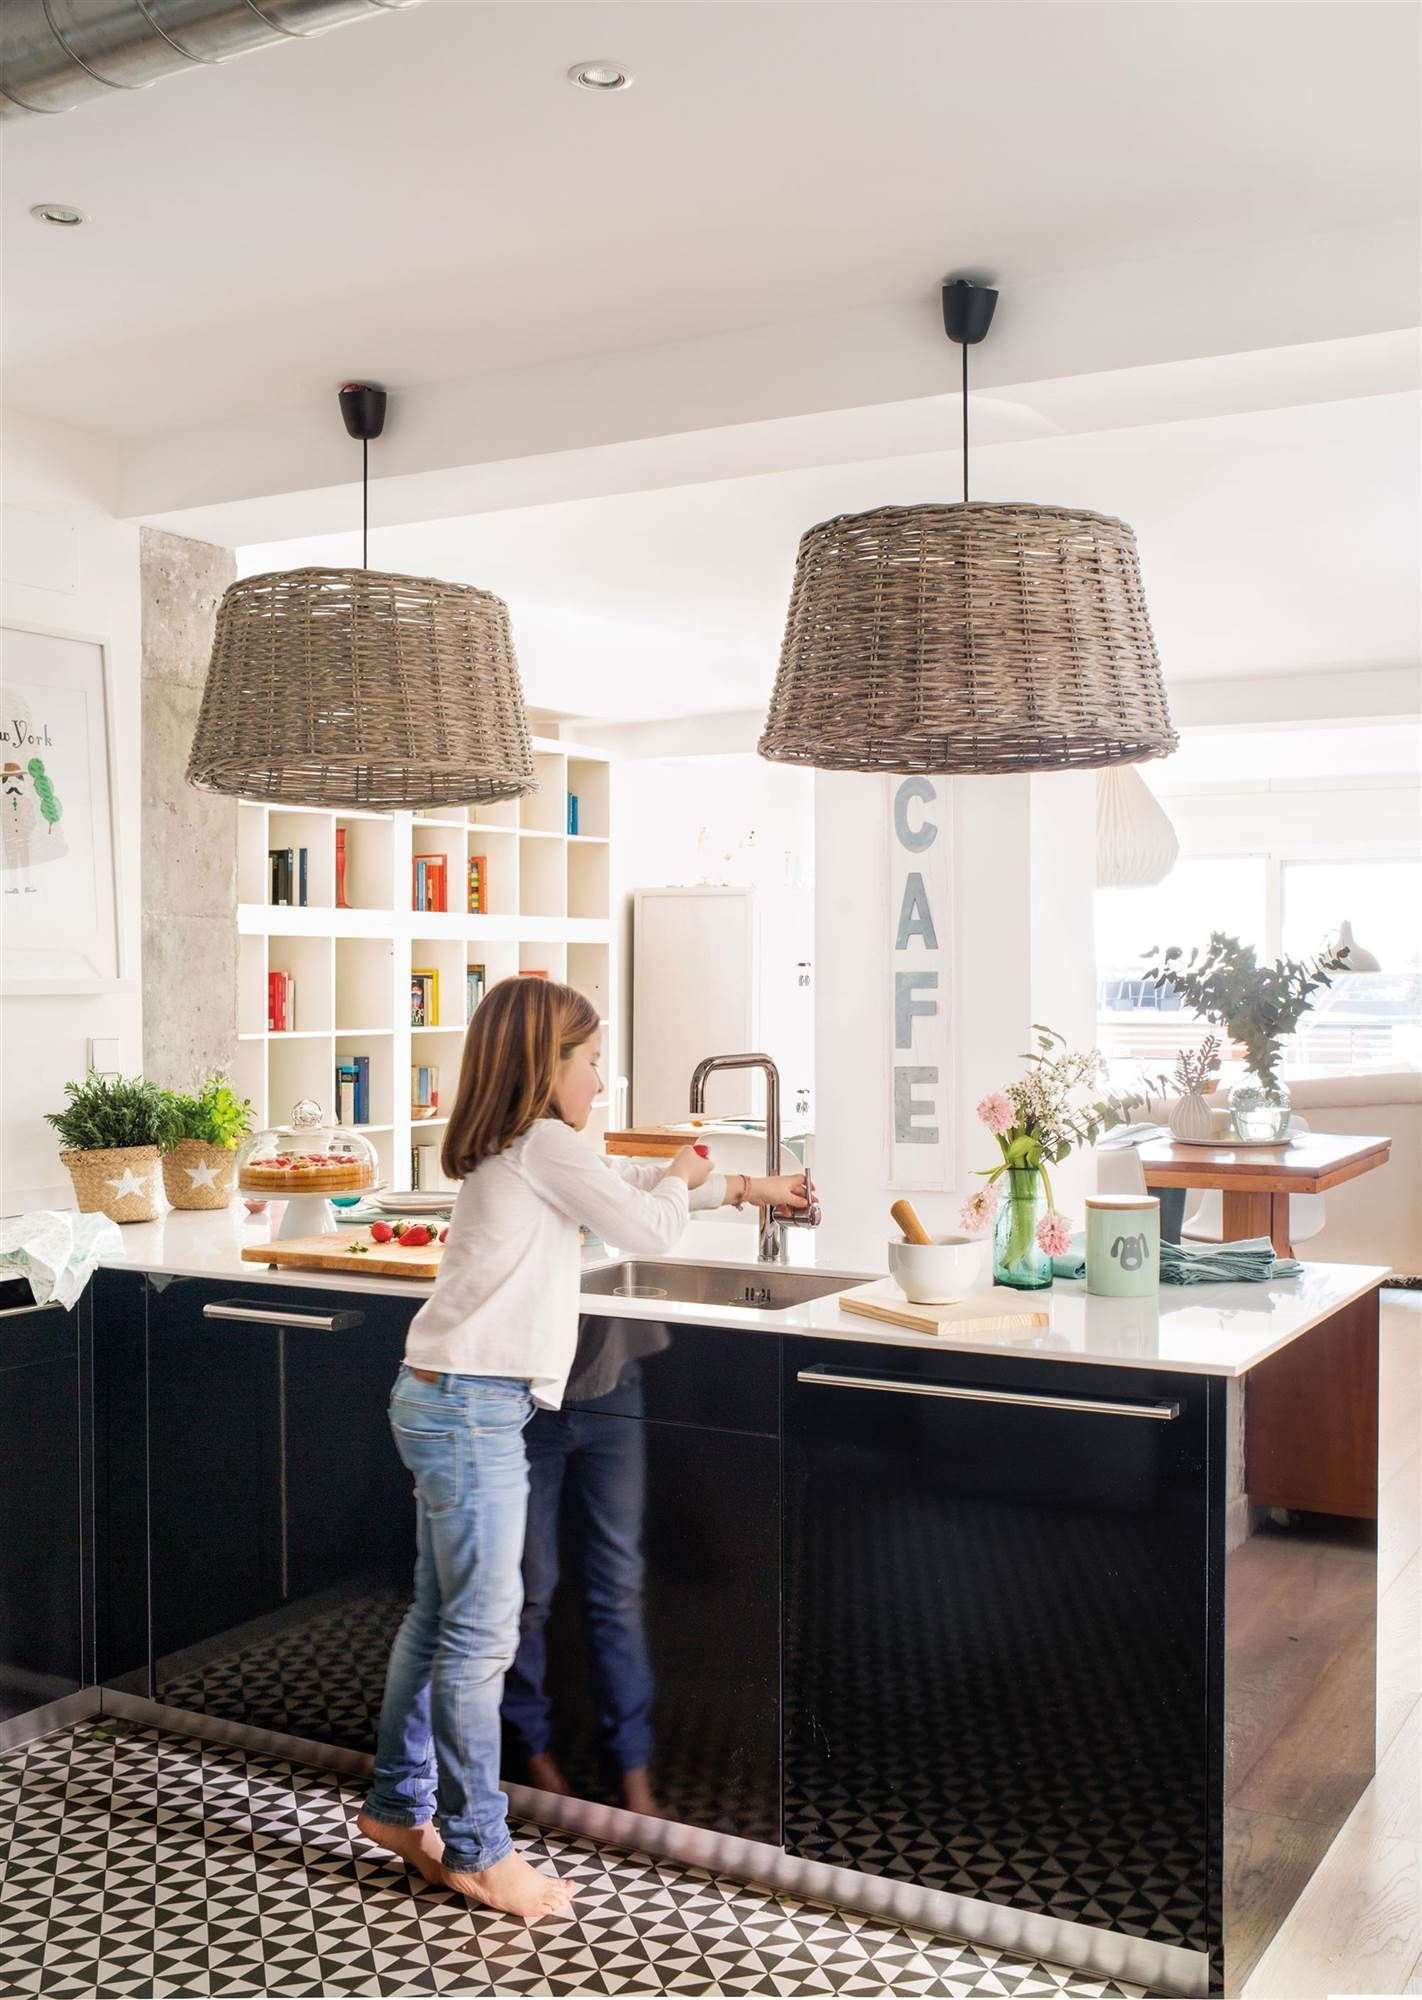 Cocina abierta o cerrada   Ideas para el hogar   Pinterest   Cocinas ...